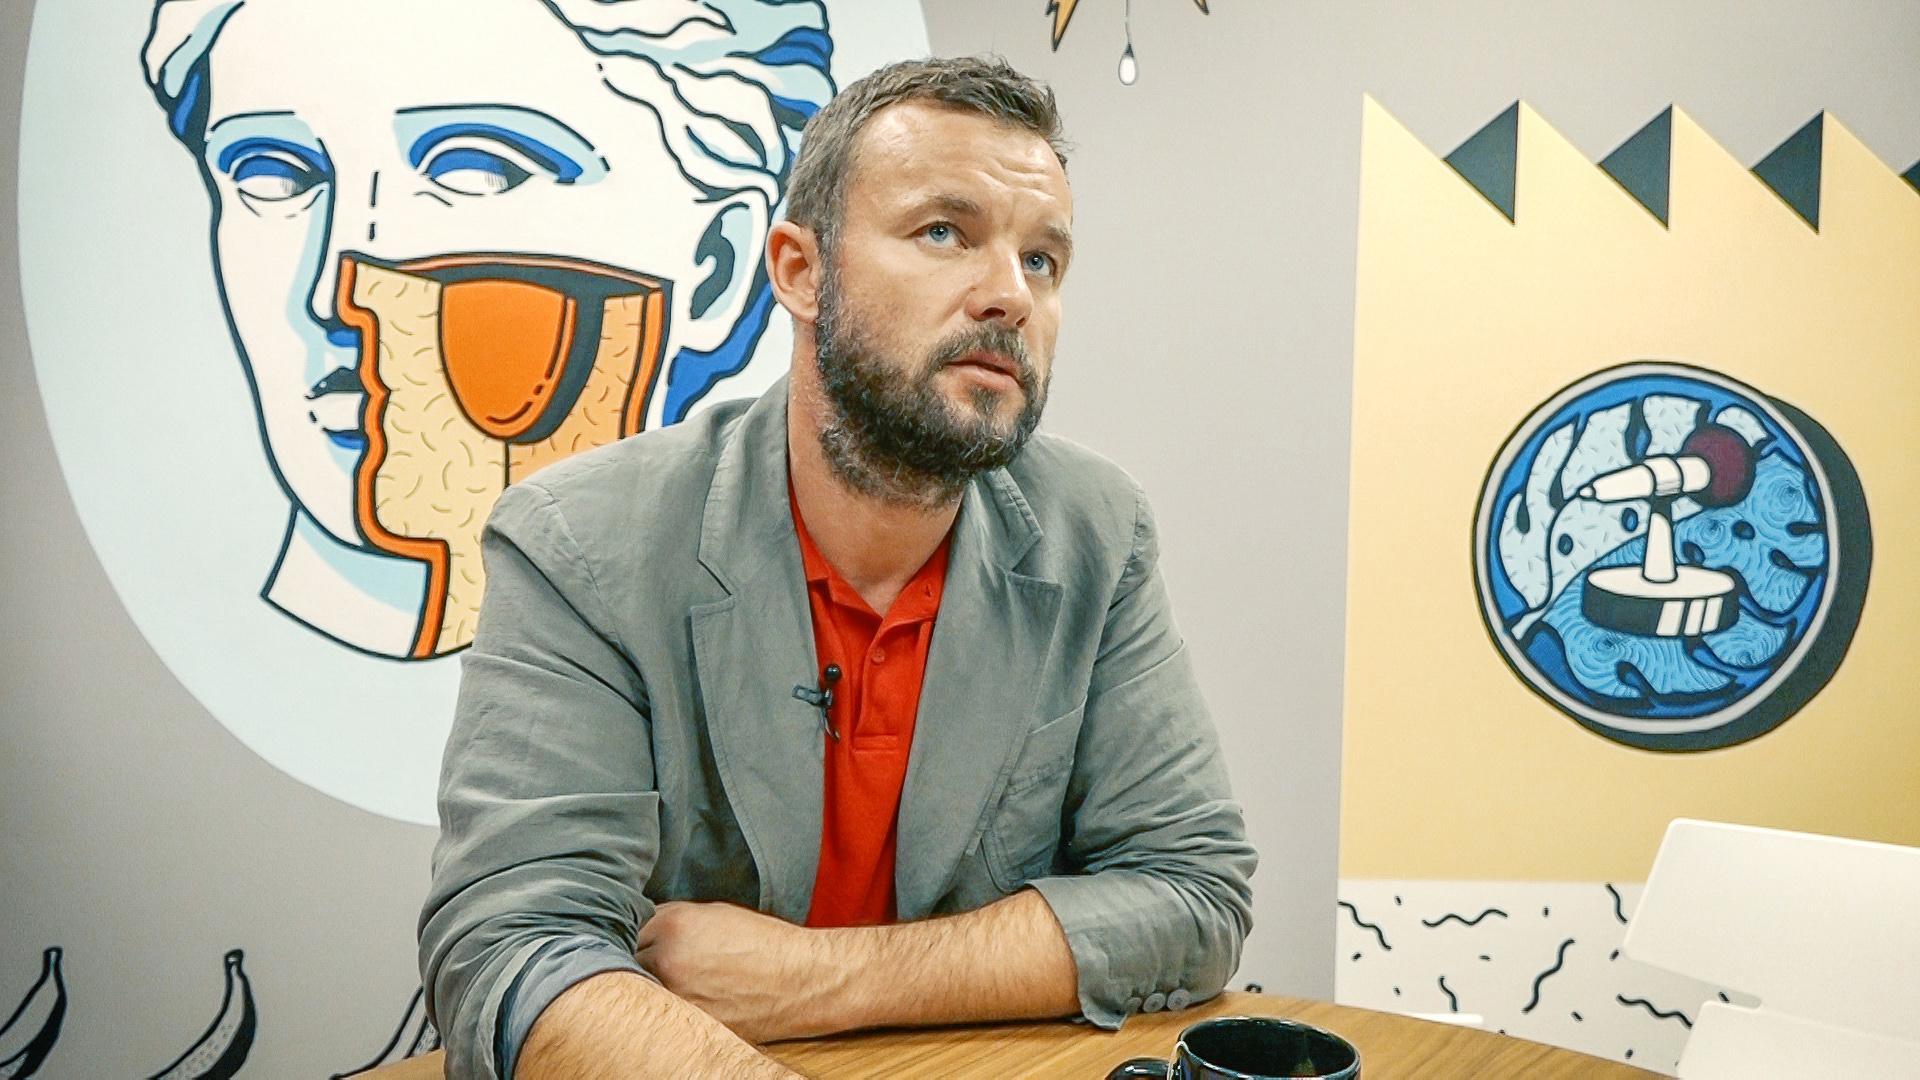 Віталій Шкляров про війну на Донбасі, політику Трампа та піар Саакашвілі